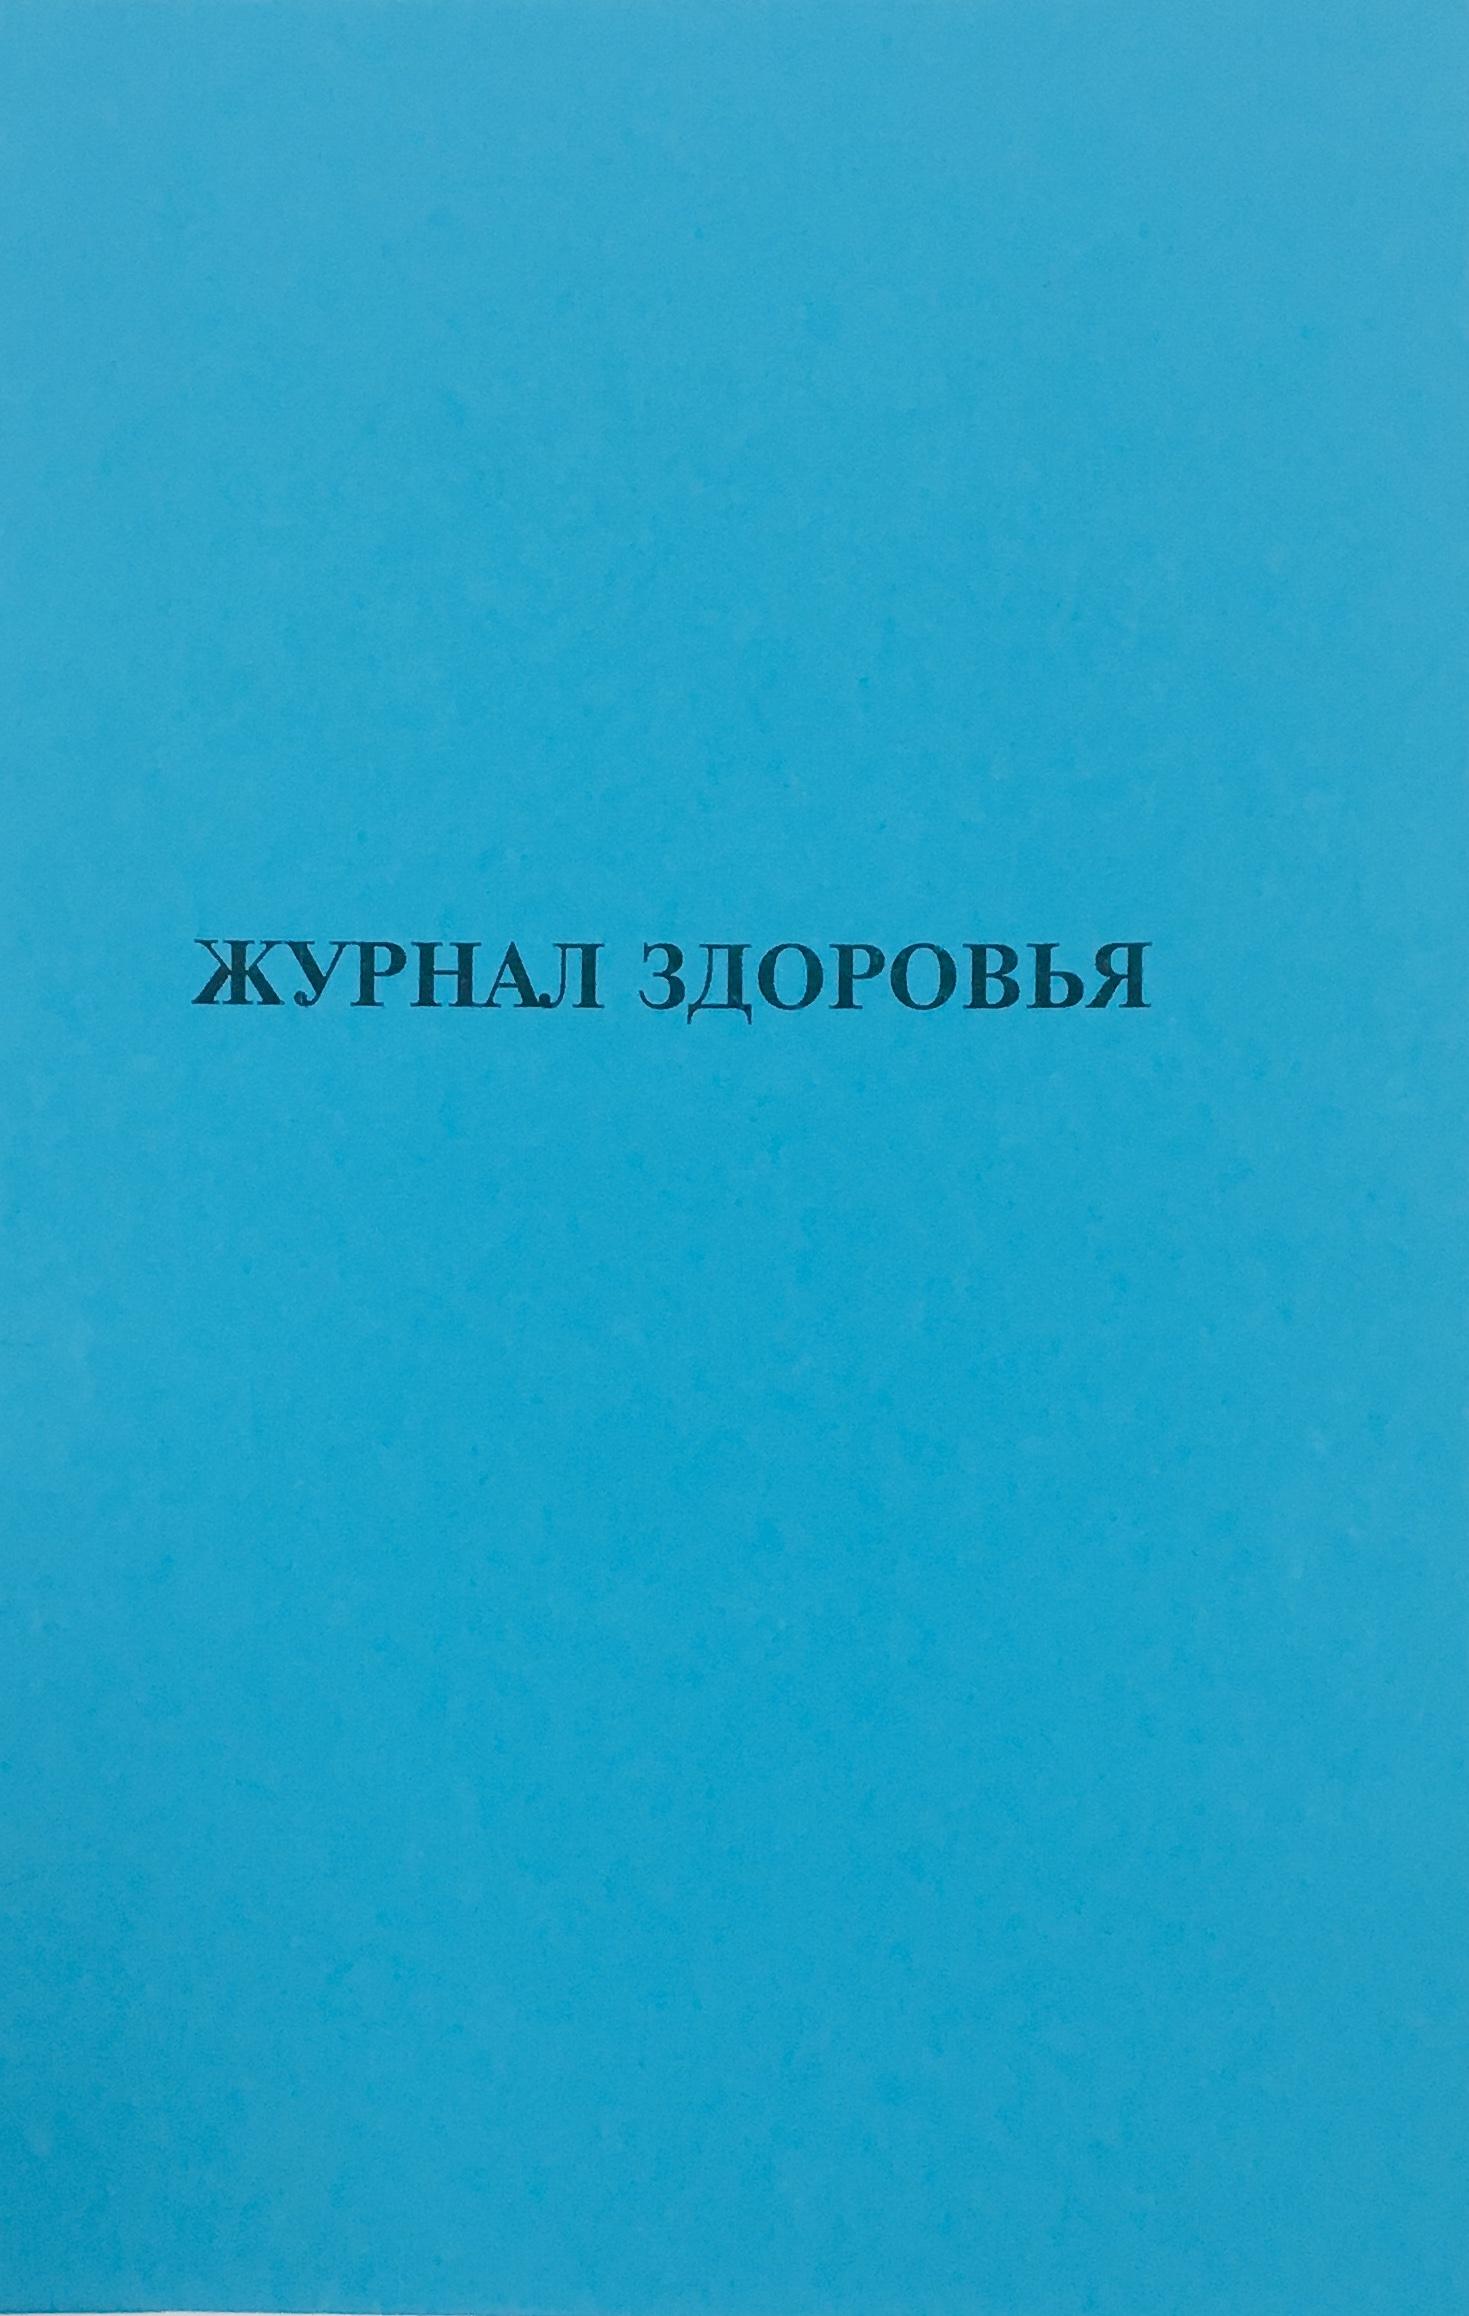 """Журнал """"Здоровье"""" 50р.л."""